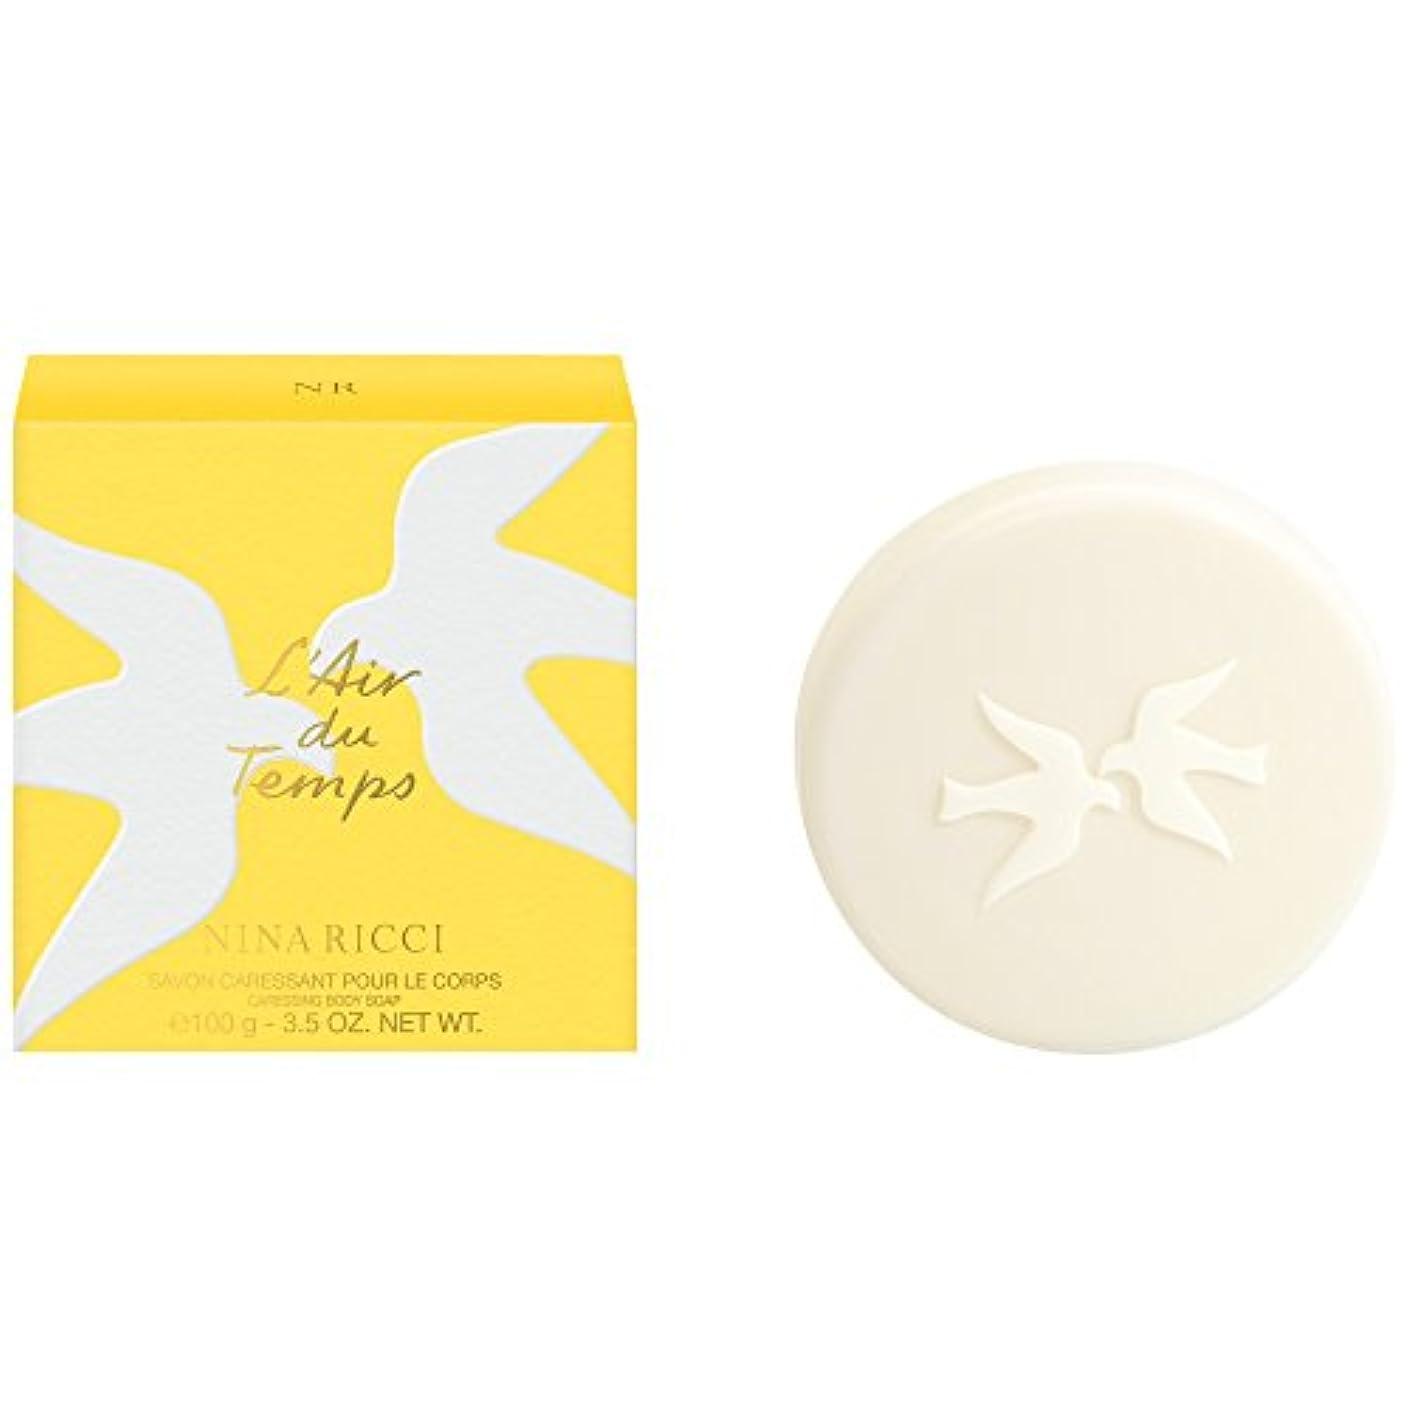 微視的静かなハードリングニナリッチL'空気デュは石鹸の100グラムをタン (Nina Ricci) - Nina Ricci L'Air du Temps Soap 100g [並行輸入品]